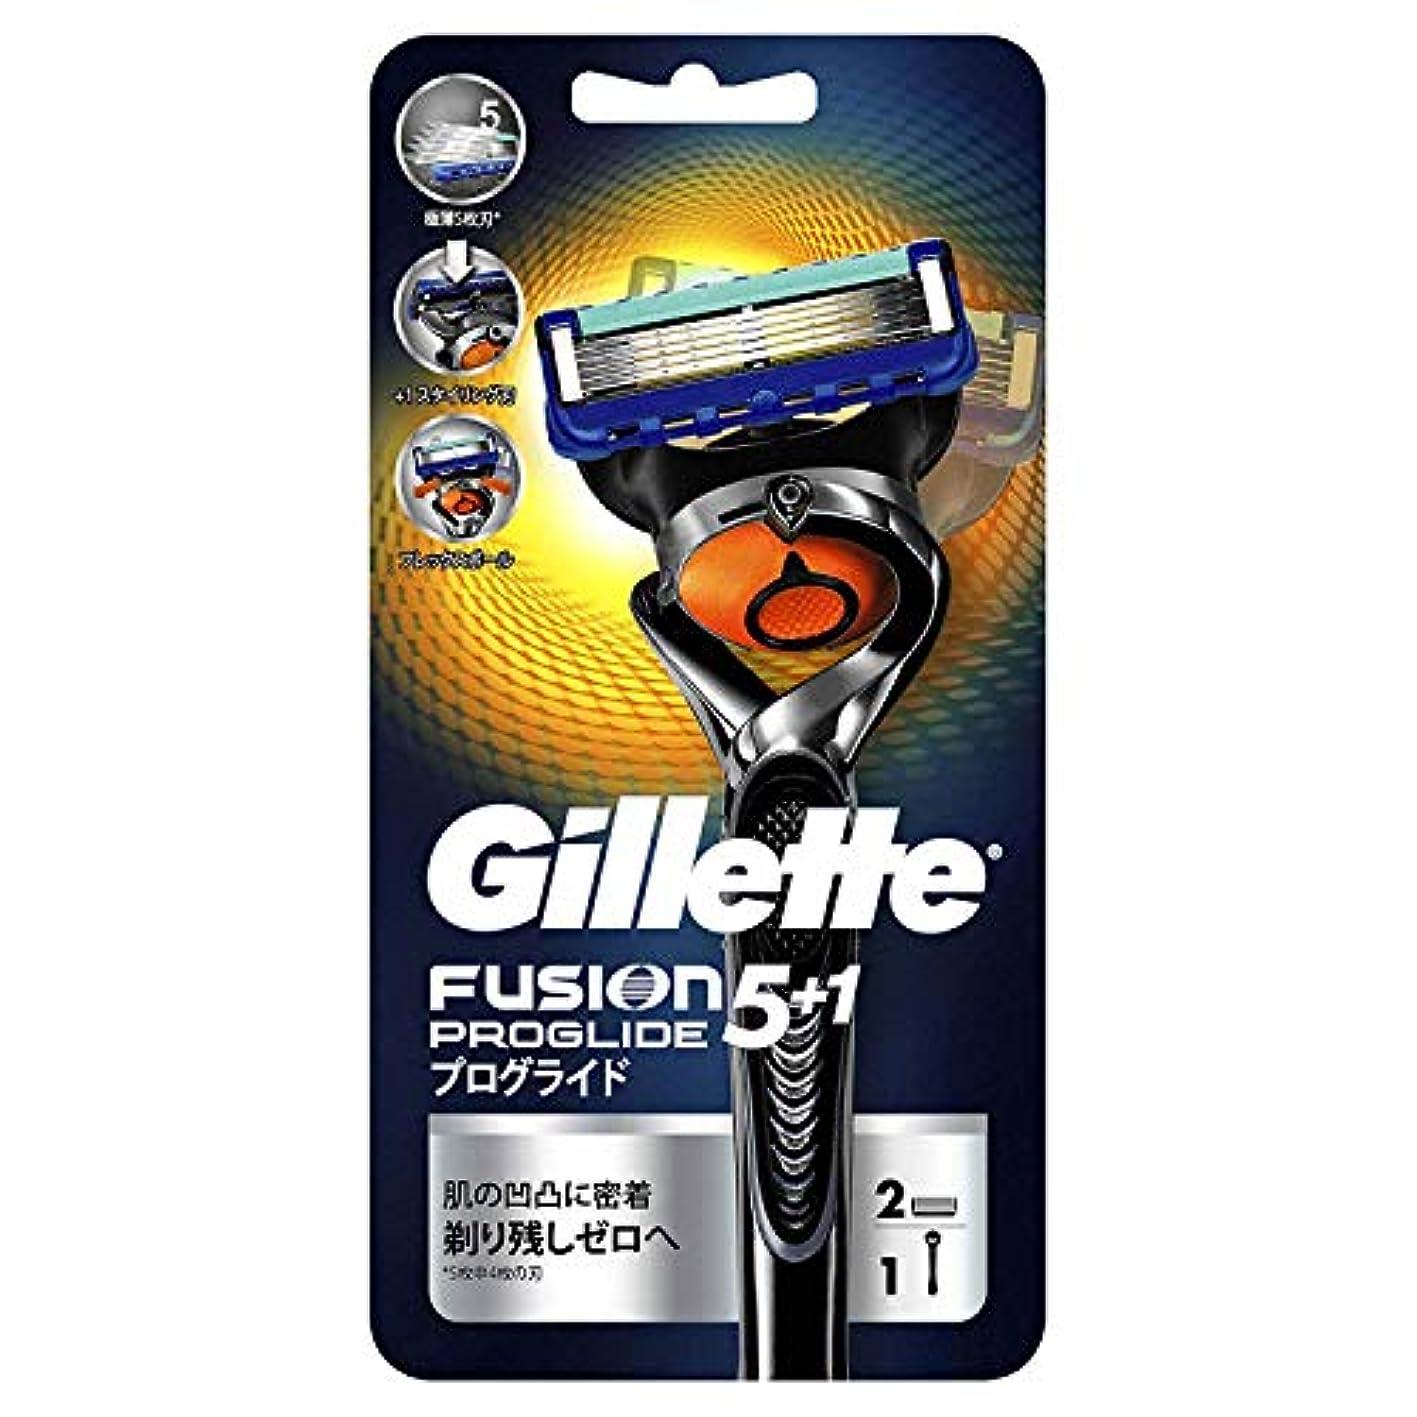 一見回転する錫【P&G】ジレット プログライド フレックスボール マニュアル ホルダー 替刃2個付 ×20個セット